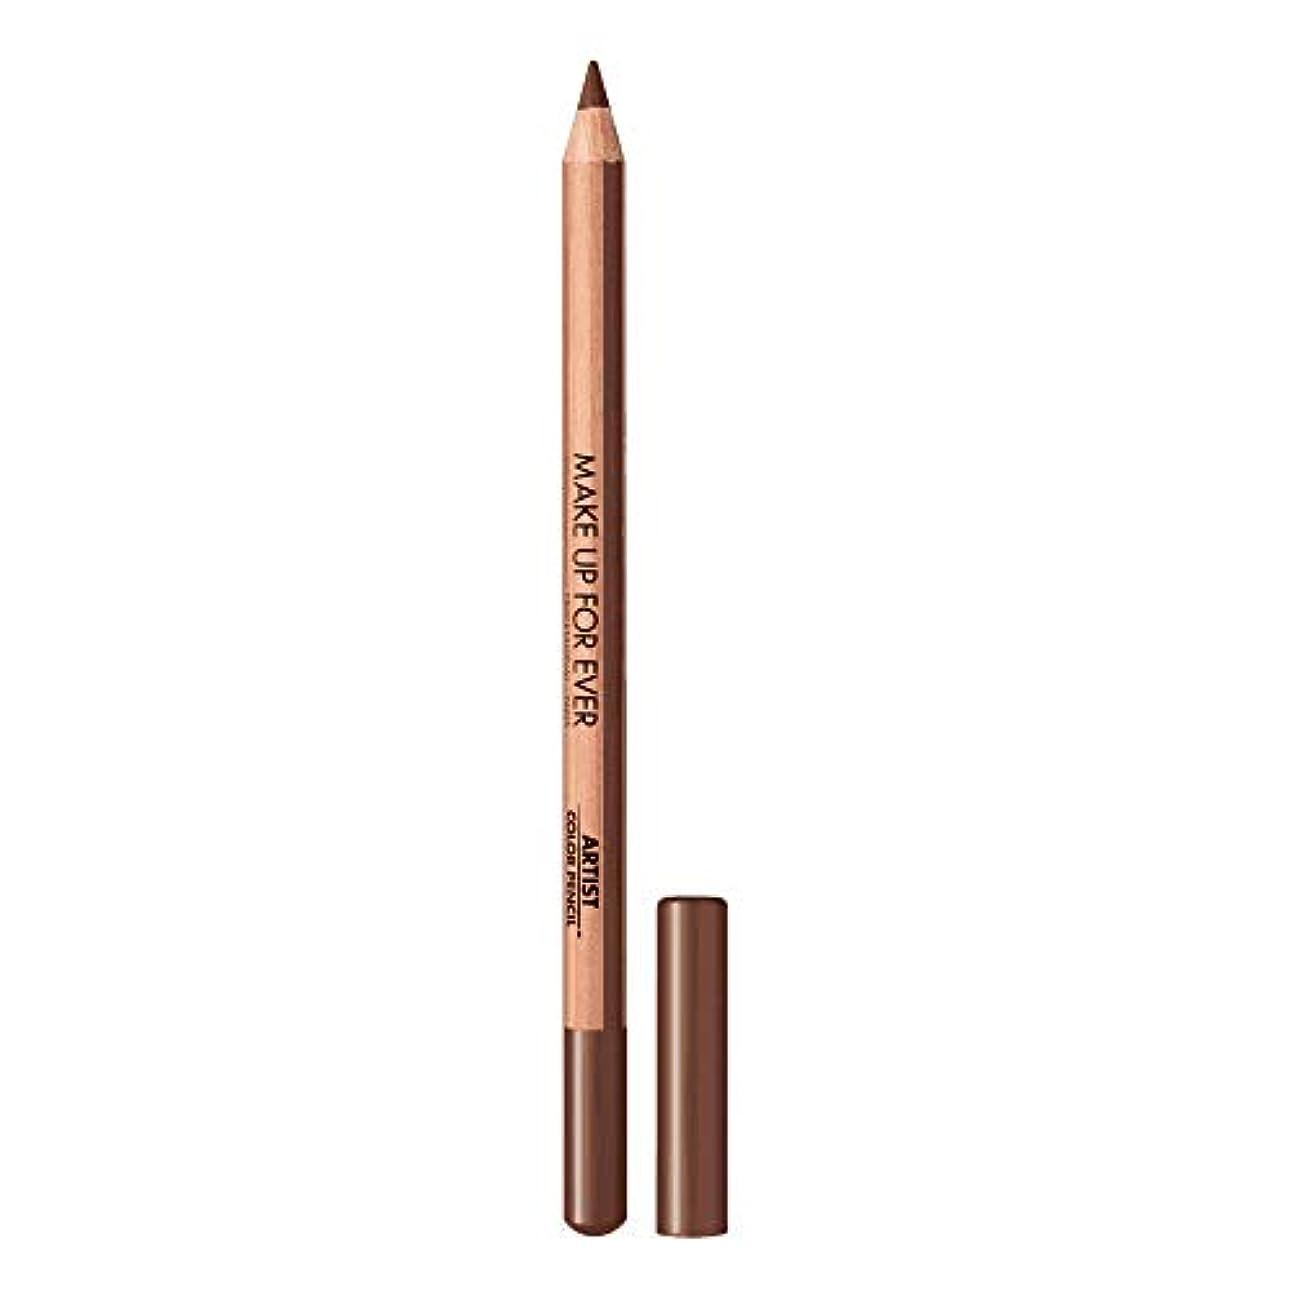 入口未接続ビジョンメイクアップフォーエバー Artist Color Pencil - # 608 Limitless Brown 1.41g/0.04oz並行輸入品